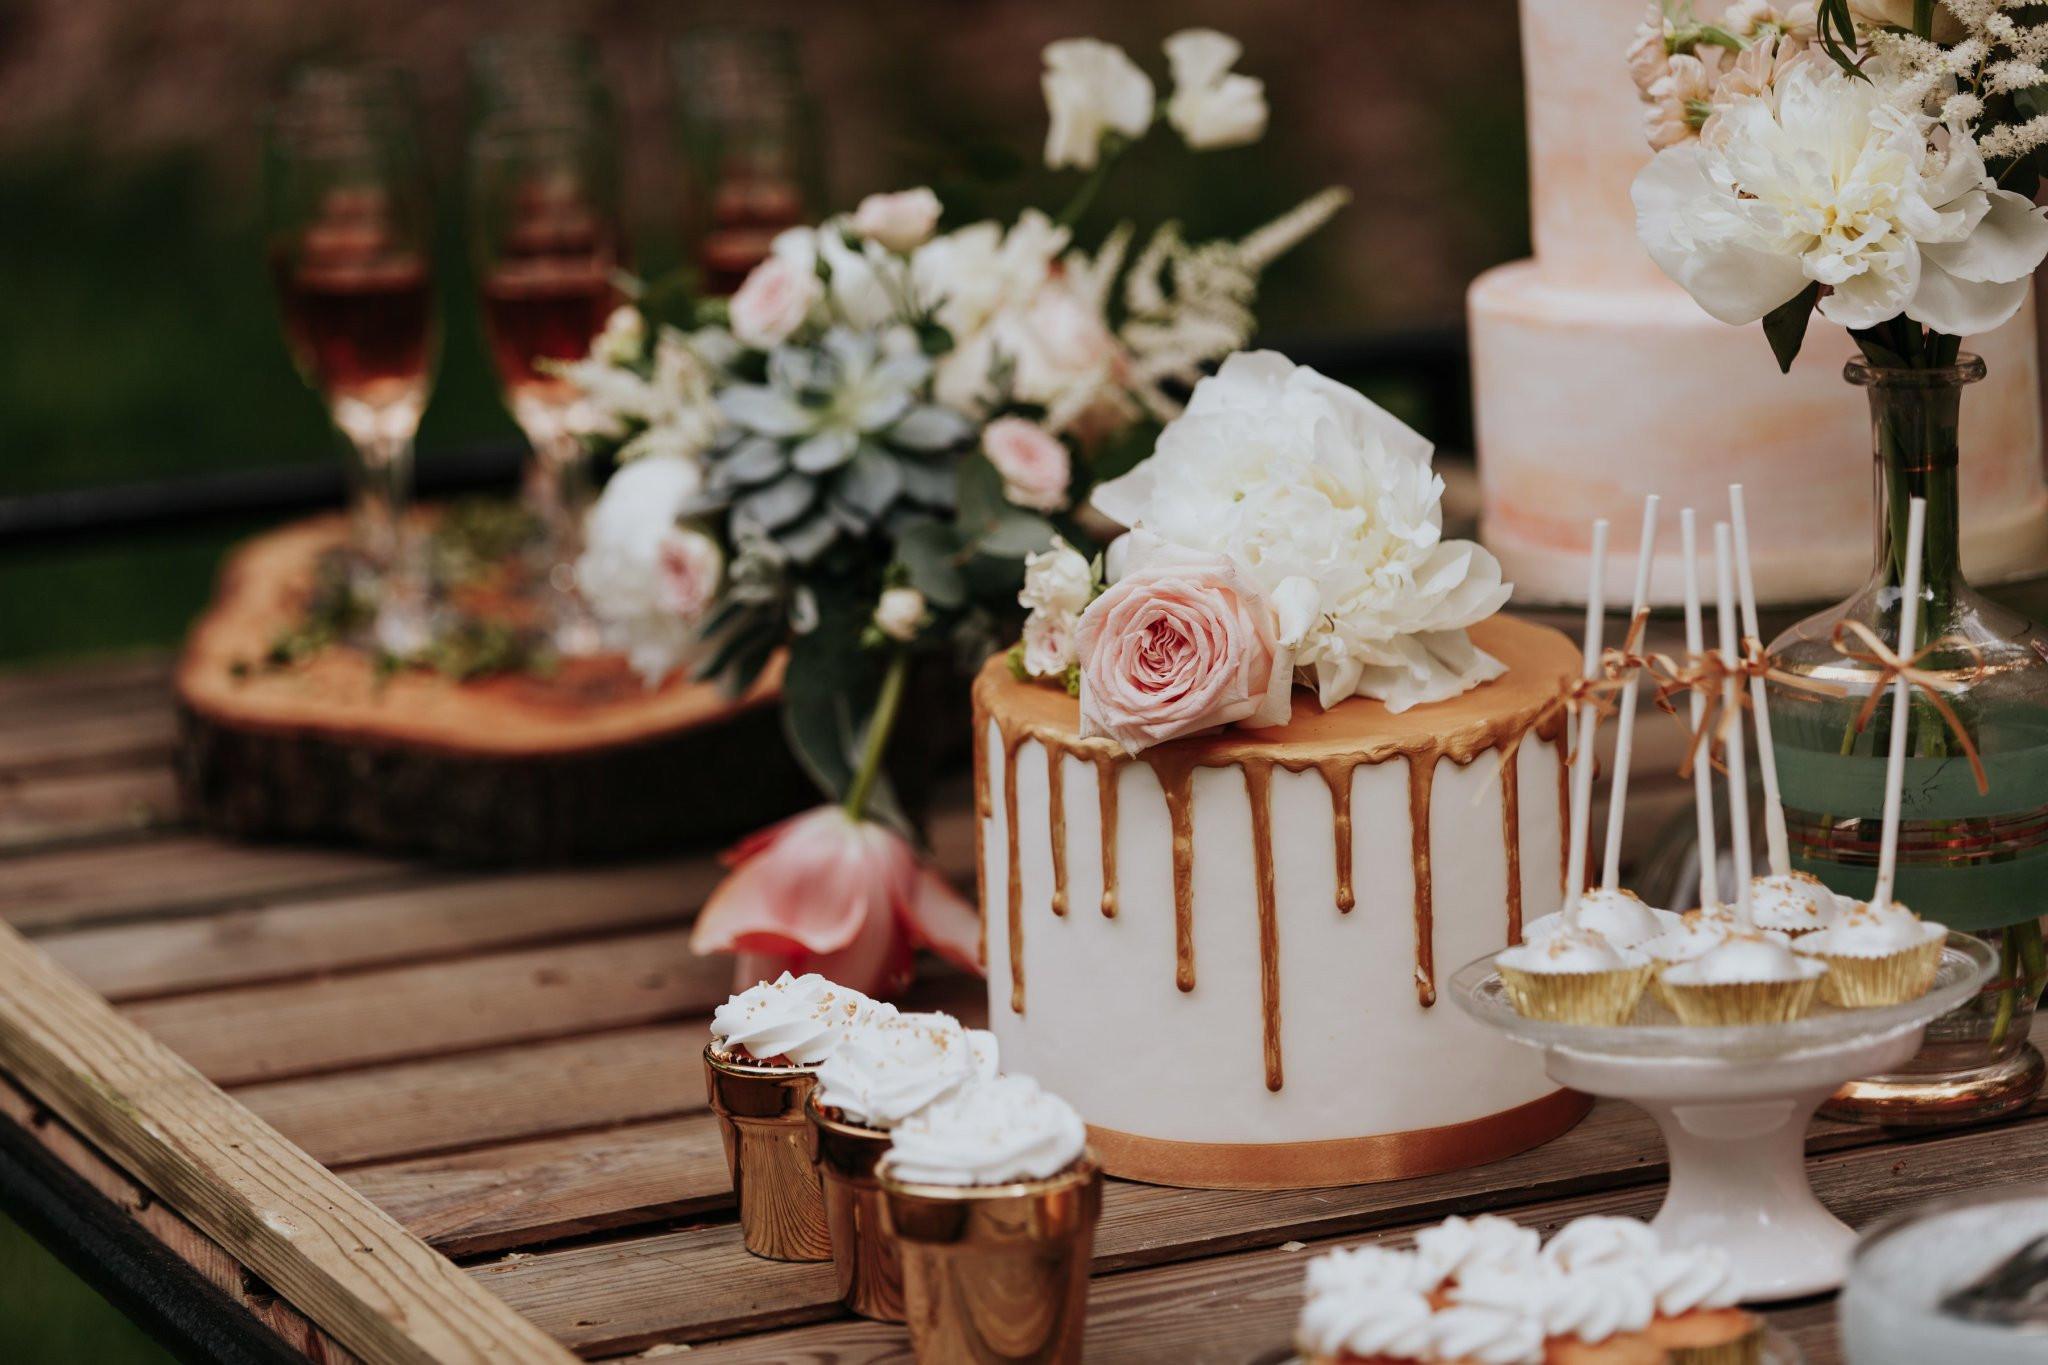 Wat Kost Een Bruidstaart Theperfectwedding Nl